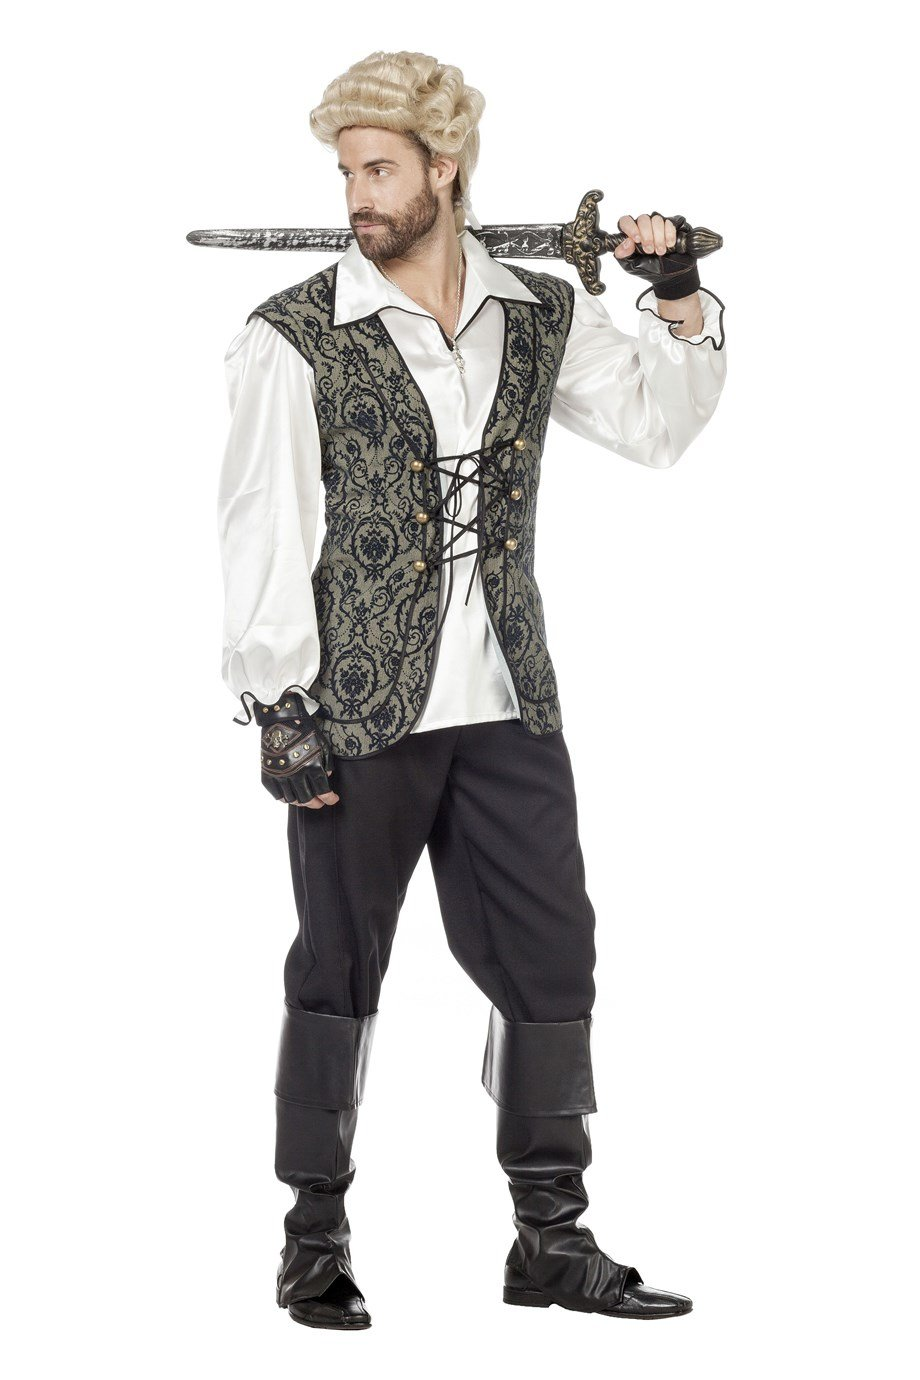 Disfraz de pirata hombre Wilber 5379: Amazon.es: Juguetes y juegos